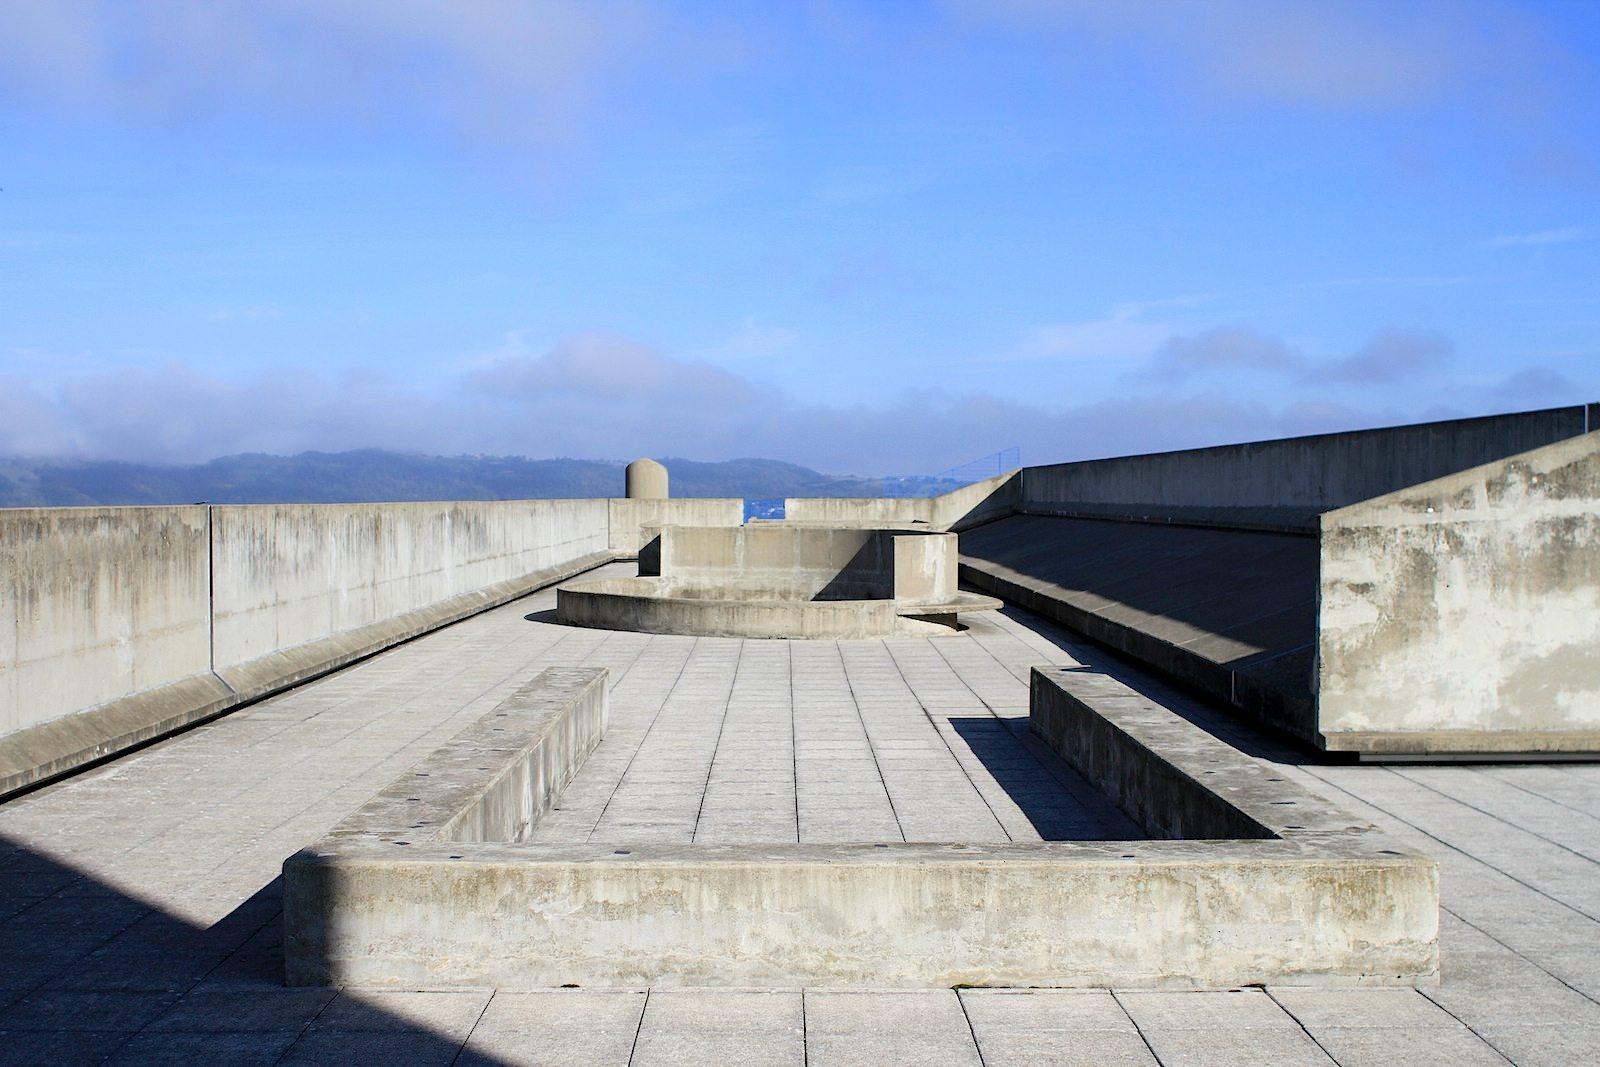 """Unité d'Habitation. Bis dahin können Le Corbusier-Interessiert und -Fans nur in Führungen in die Musterwohnung, die Schulgeschosse und auf die Dachterrasse. Hier kann man über den Ausspruch des Baumeisters sinnieren: """"Sonne, Raum, Grünflächen: Versprechen, die gehalten werden sollen."""" –Aus """"Modulor 1"""", bei DVA."""